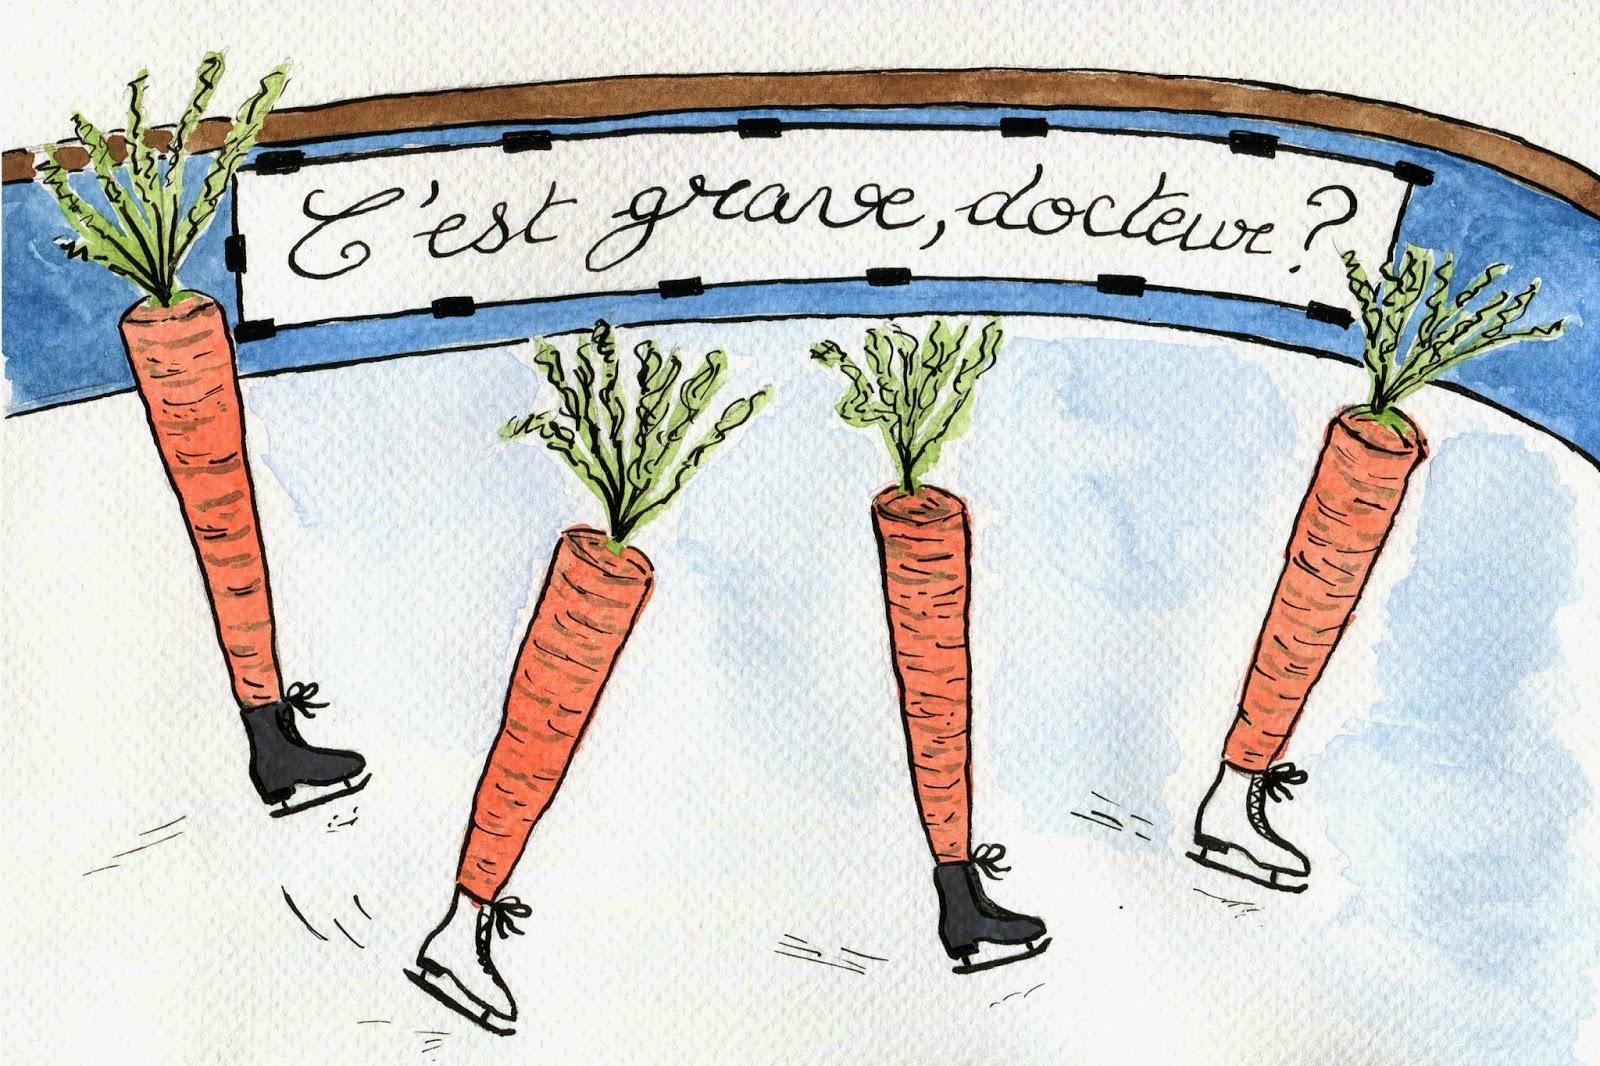 La patinoire des carottes ou comment commencer l'année du bon pied